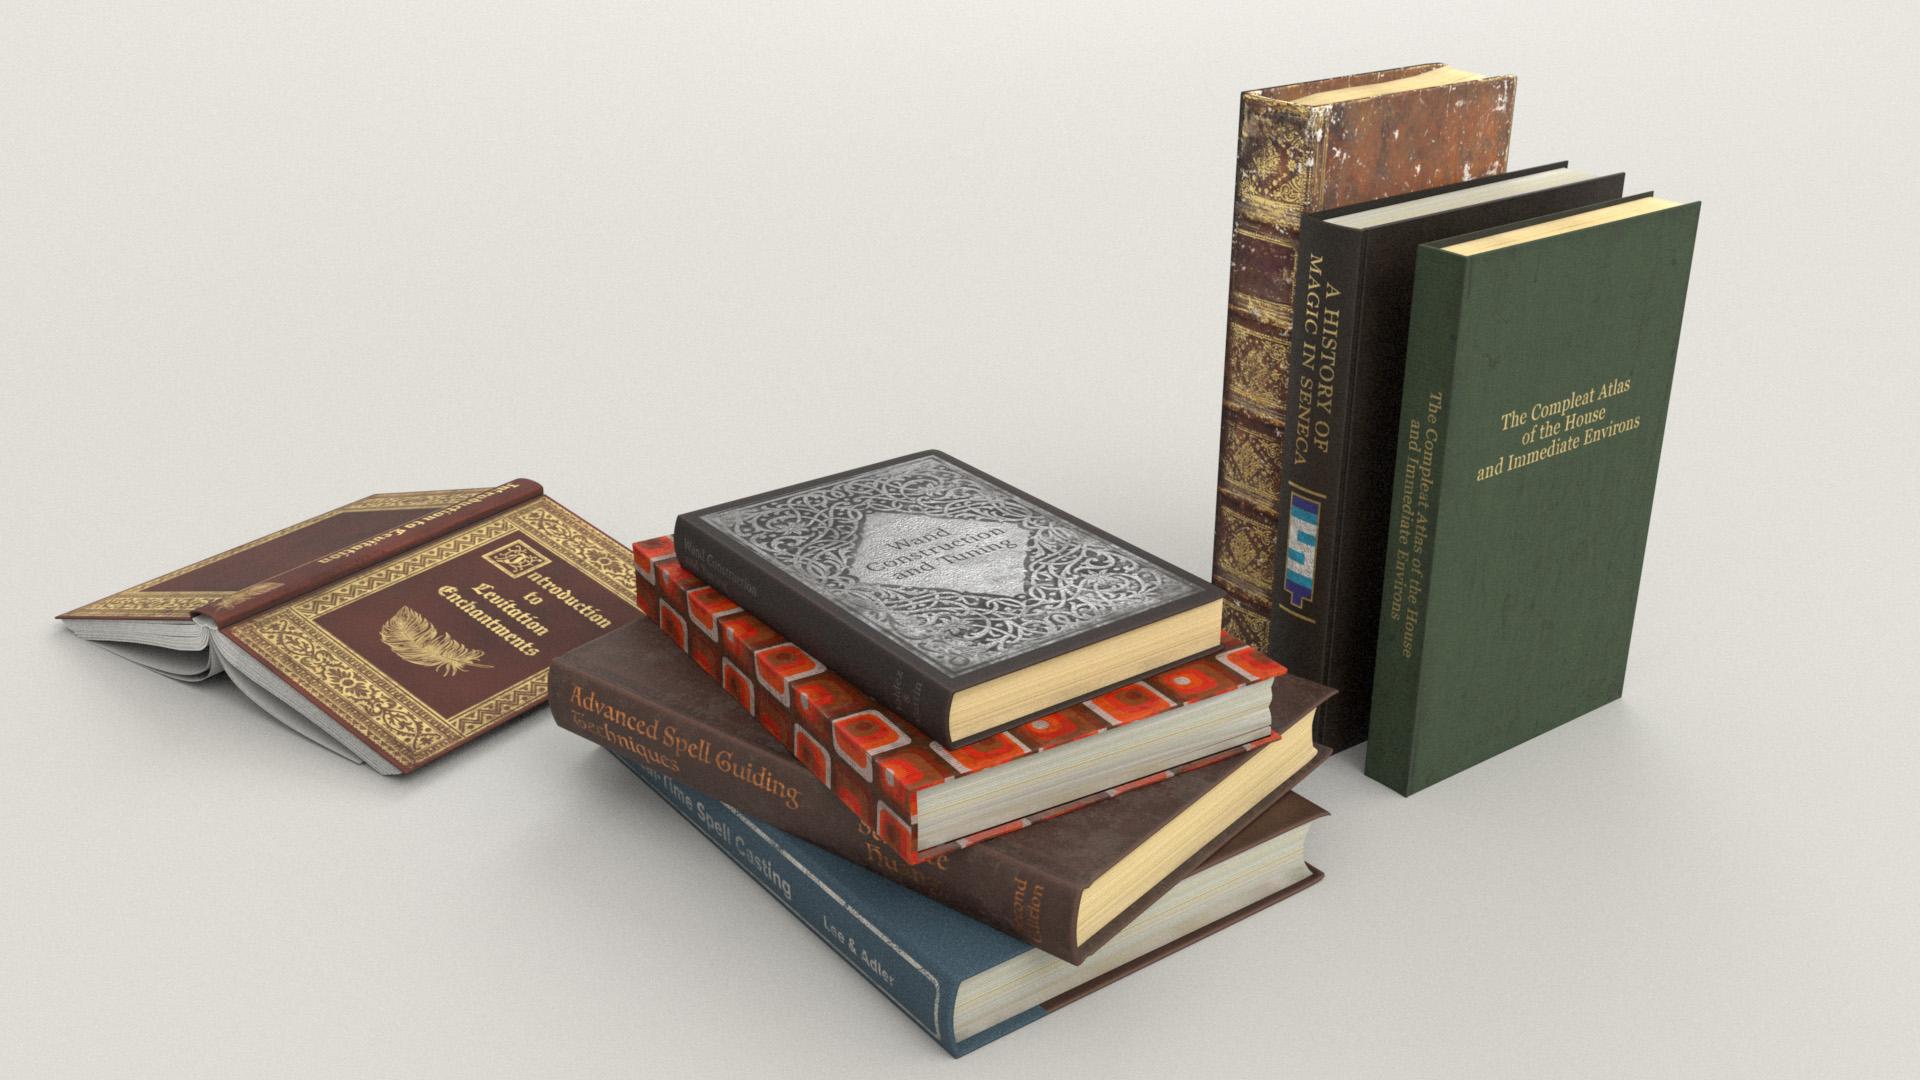 Figure 38: A bunch more books, including a Seneca book!